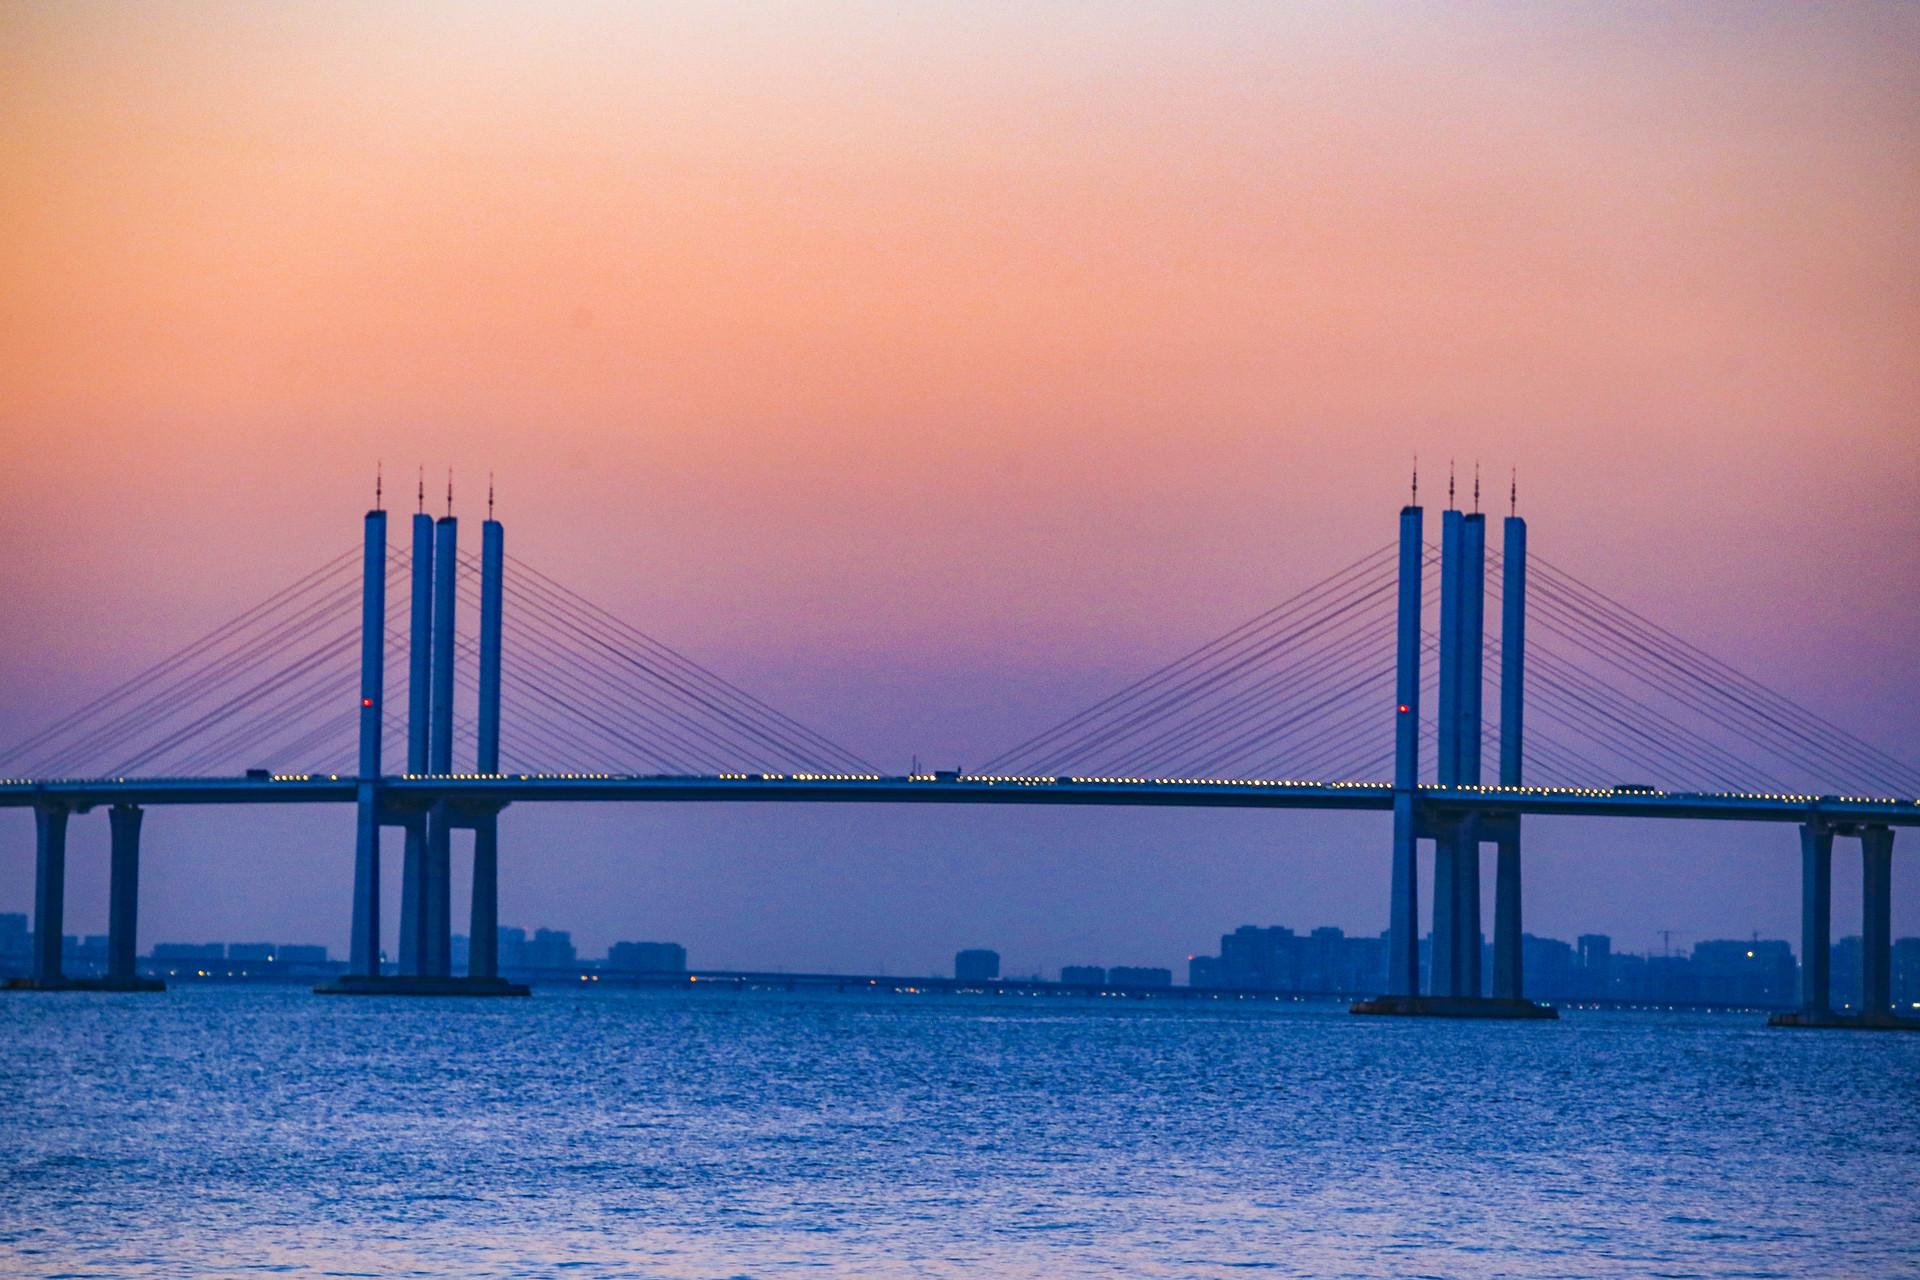 岛城这些网红桥,美到要出道了!快来pick!